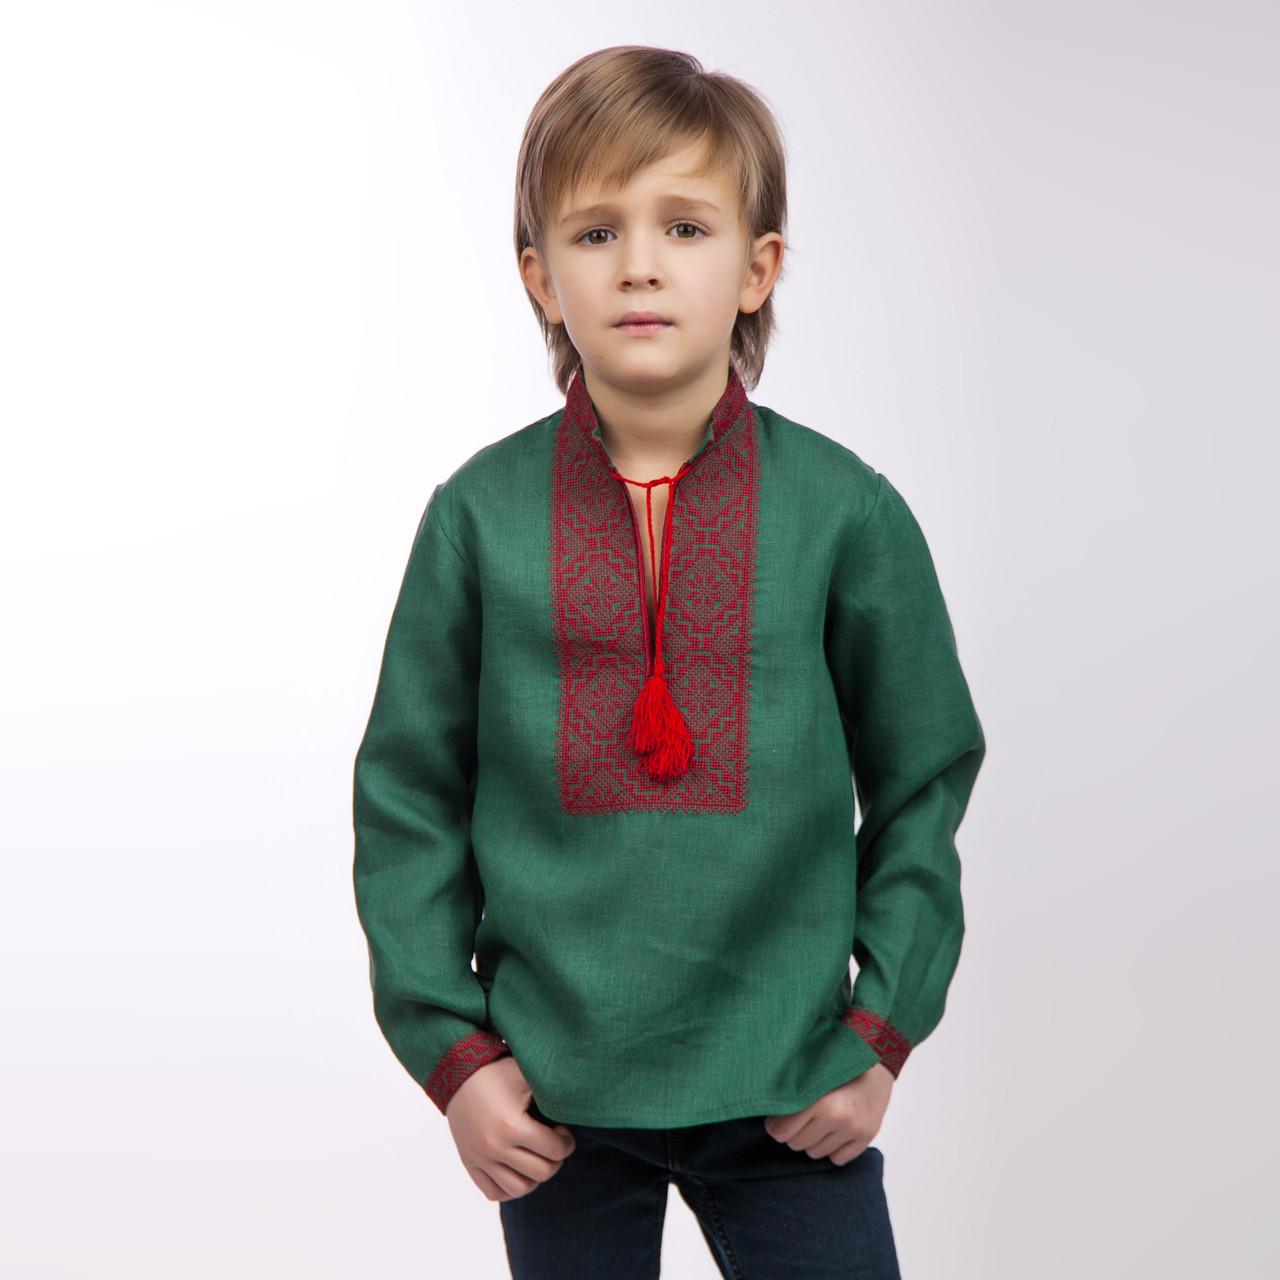 Вышиванка для мальчика, изумруд - фото 2